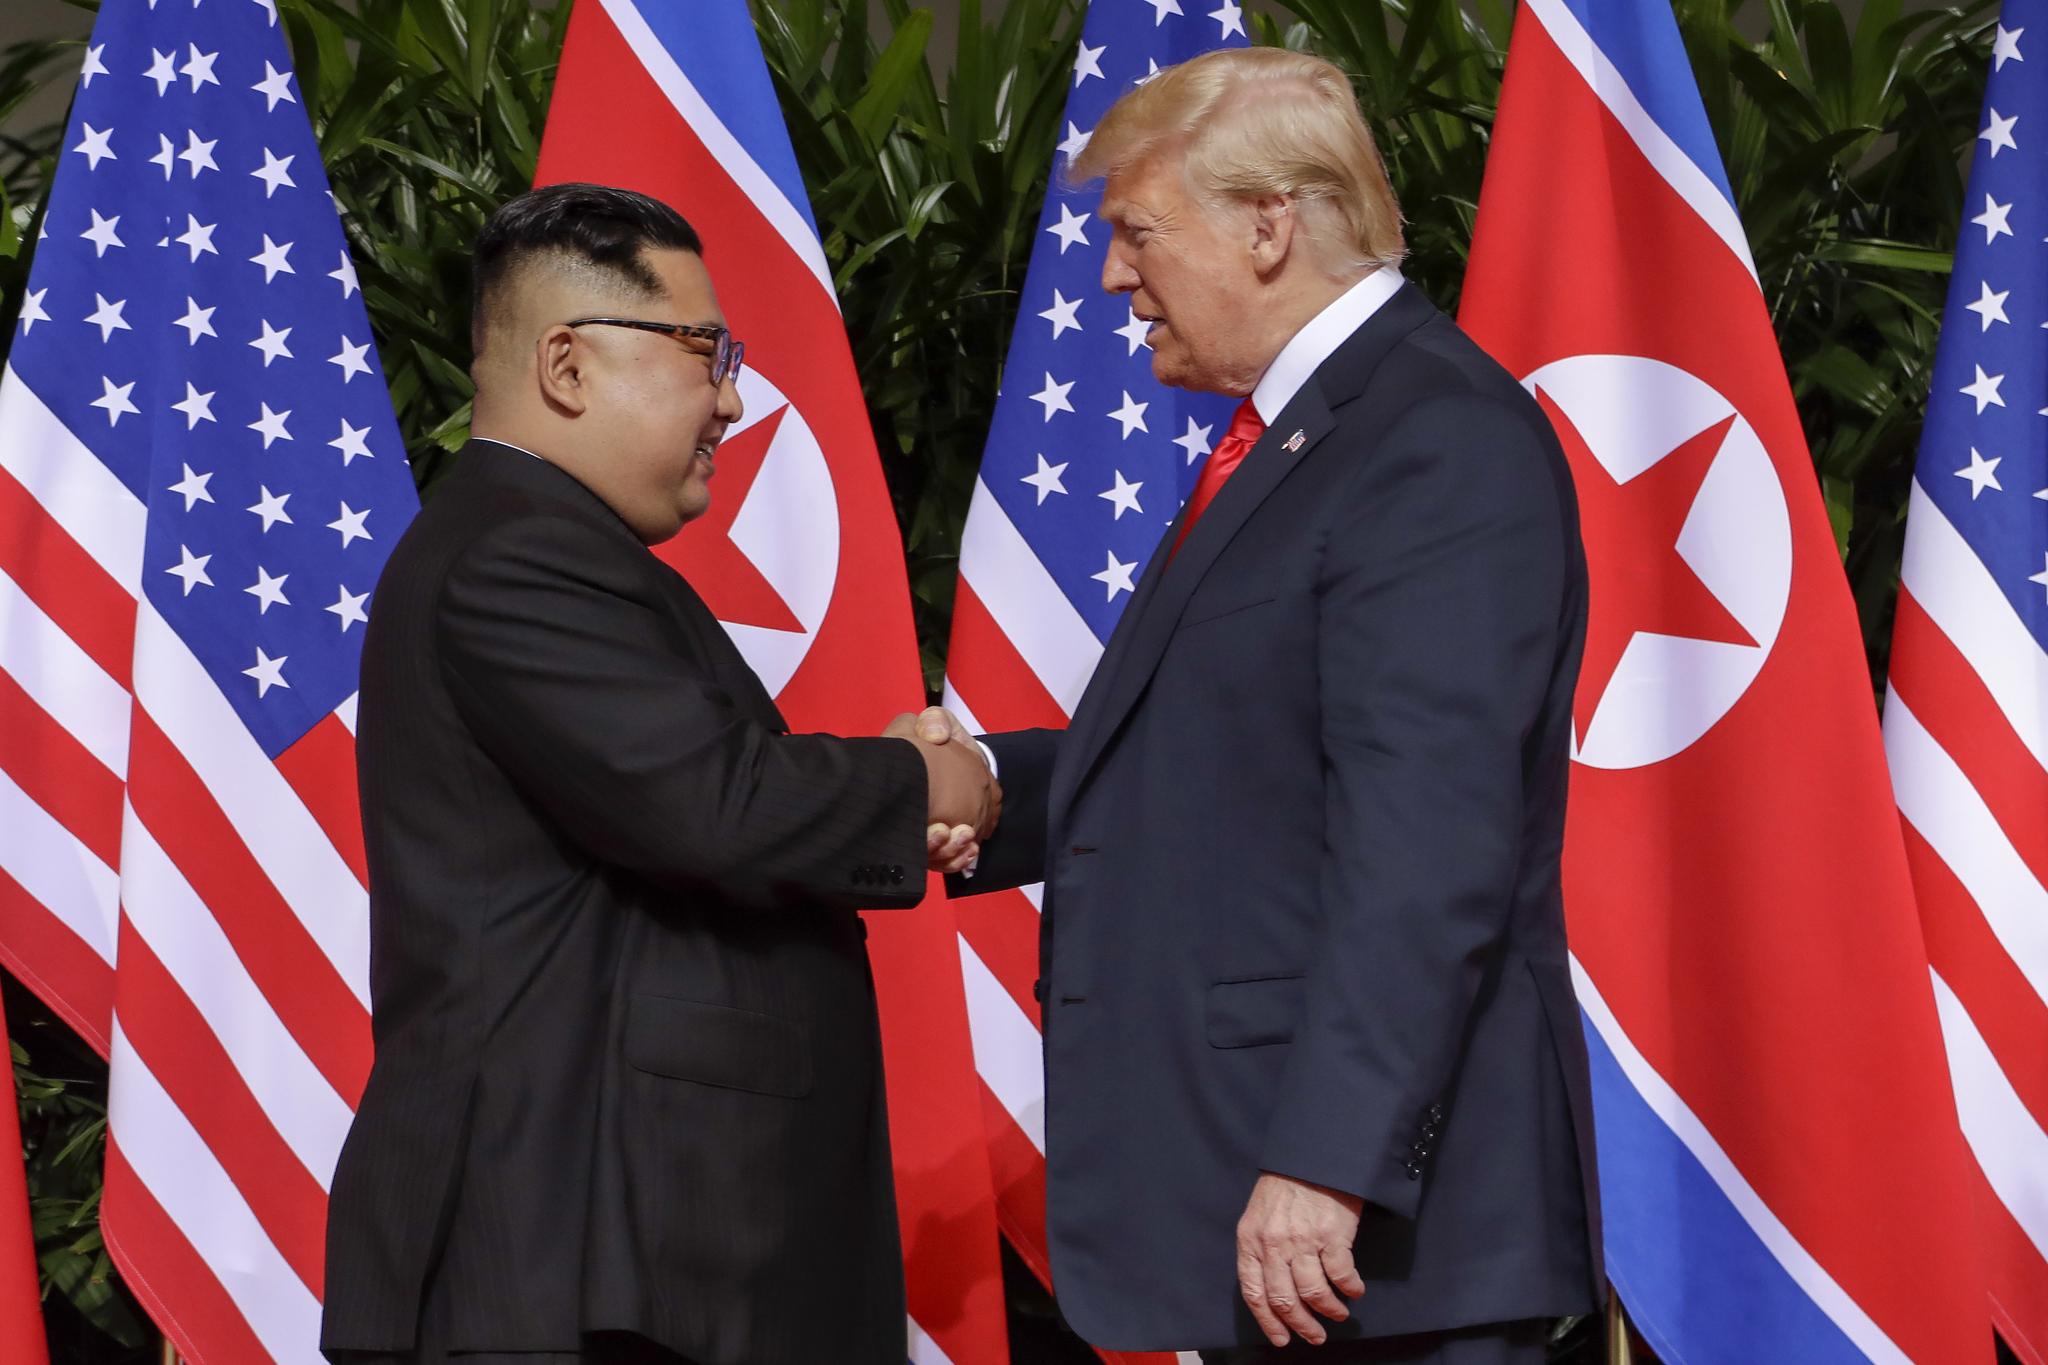 6월 12일 싱가포르 센토사섬에서 열린 북·미정상회담에서 김정은 위원장과 트럼프 대통령이 처음으로 만나 악수하고 있다. [AP=연합뉴스]